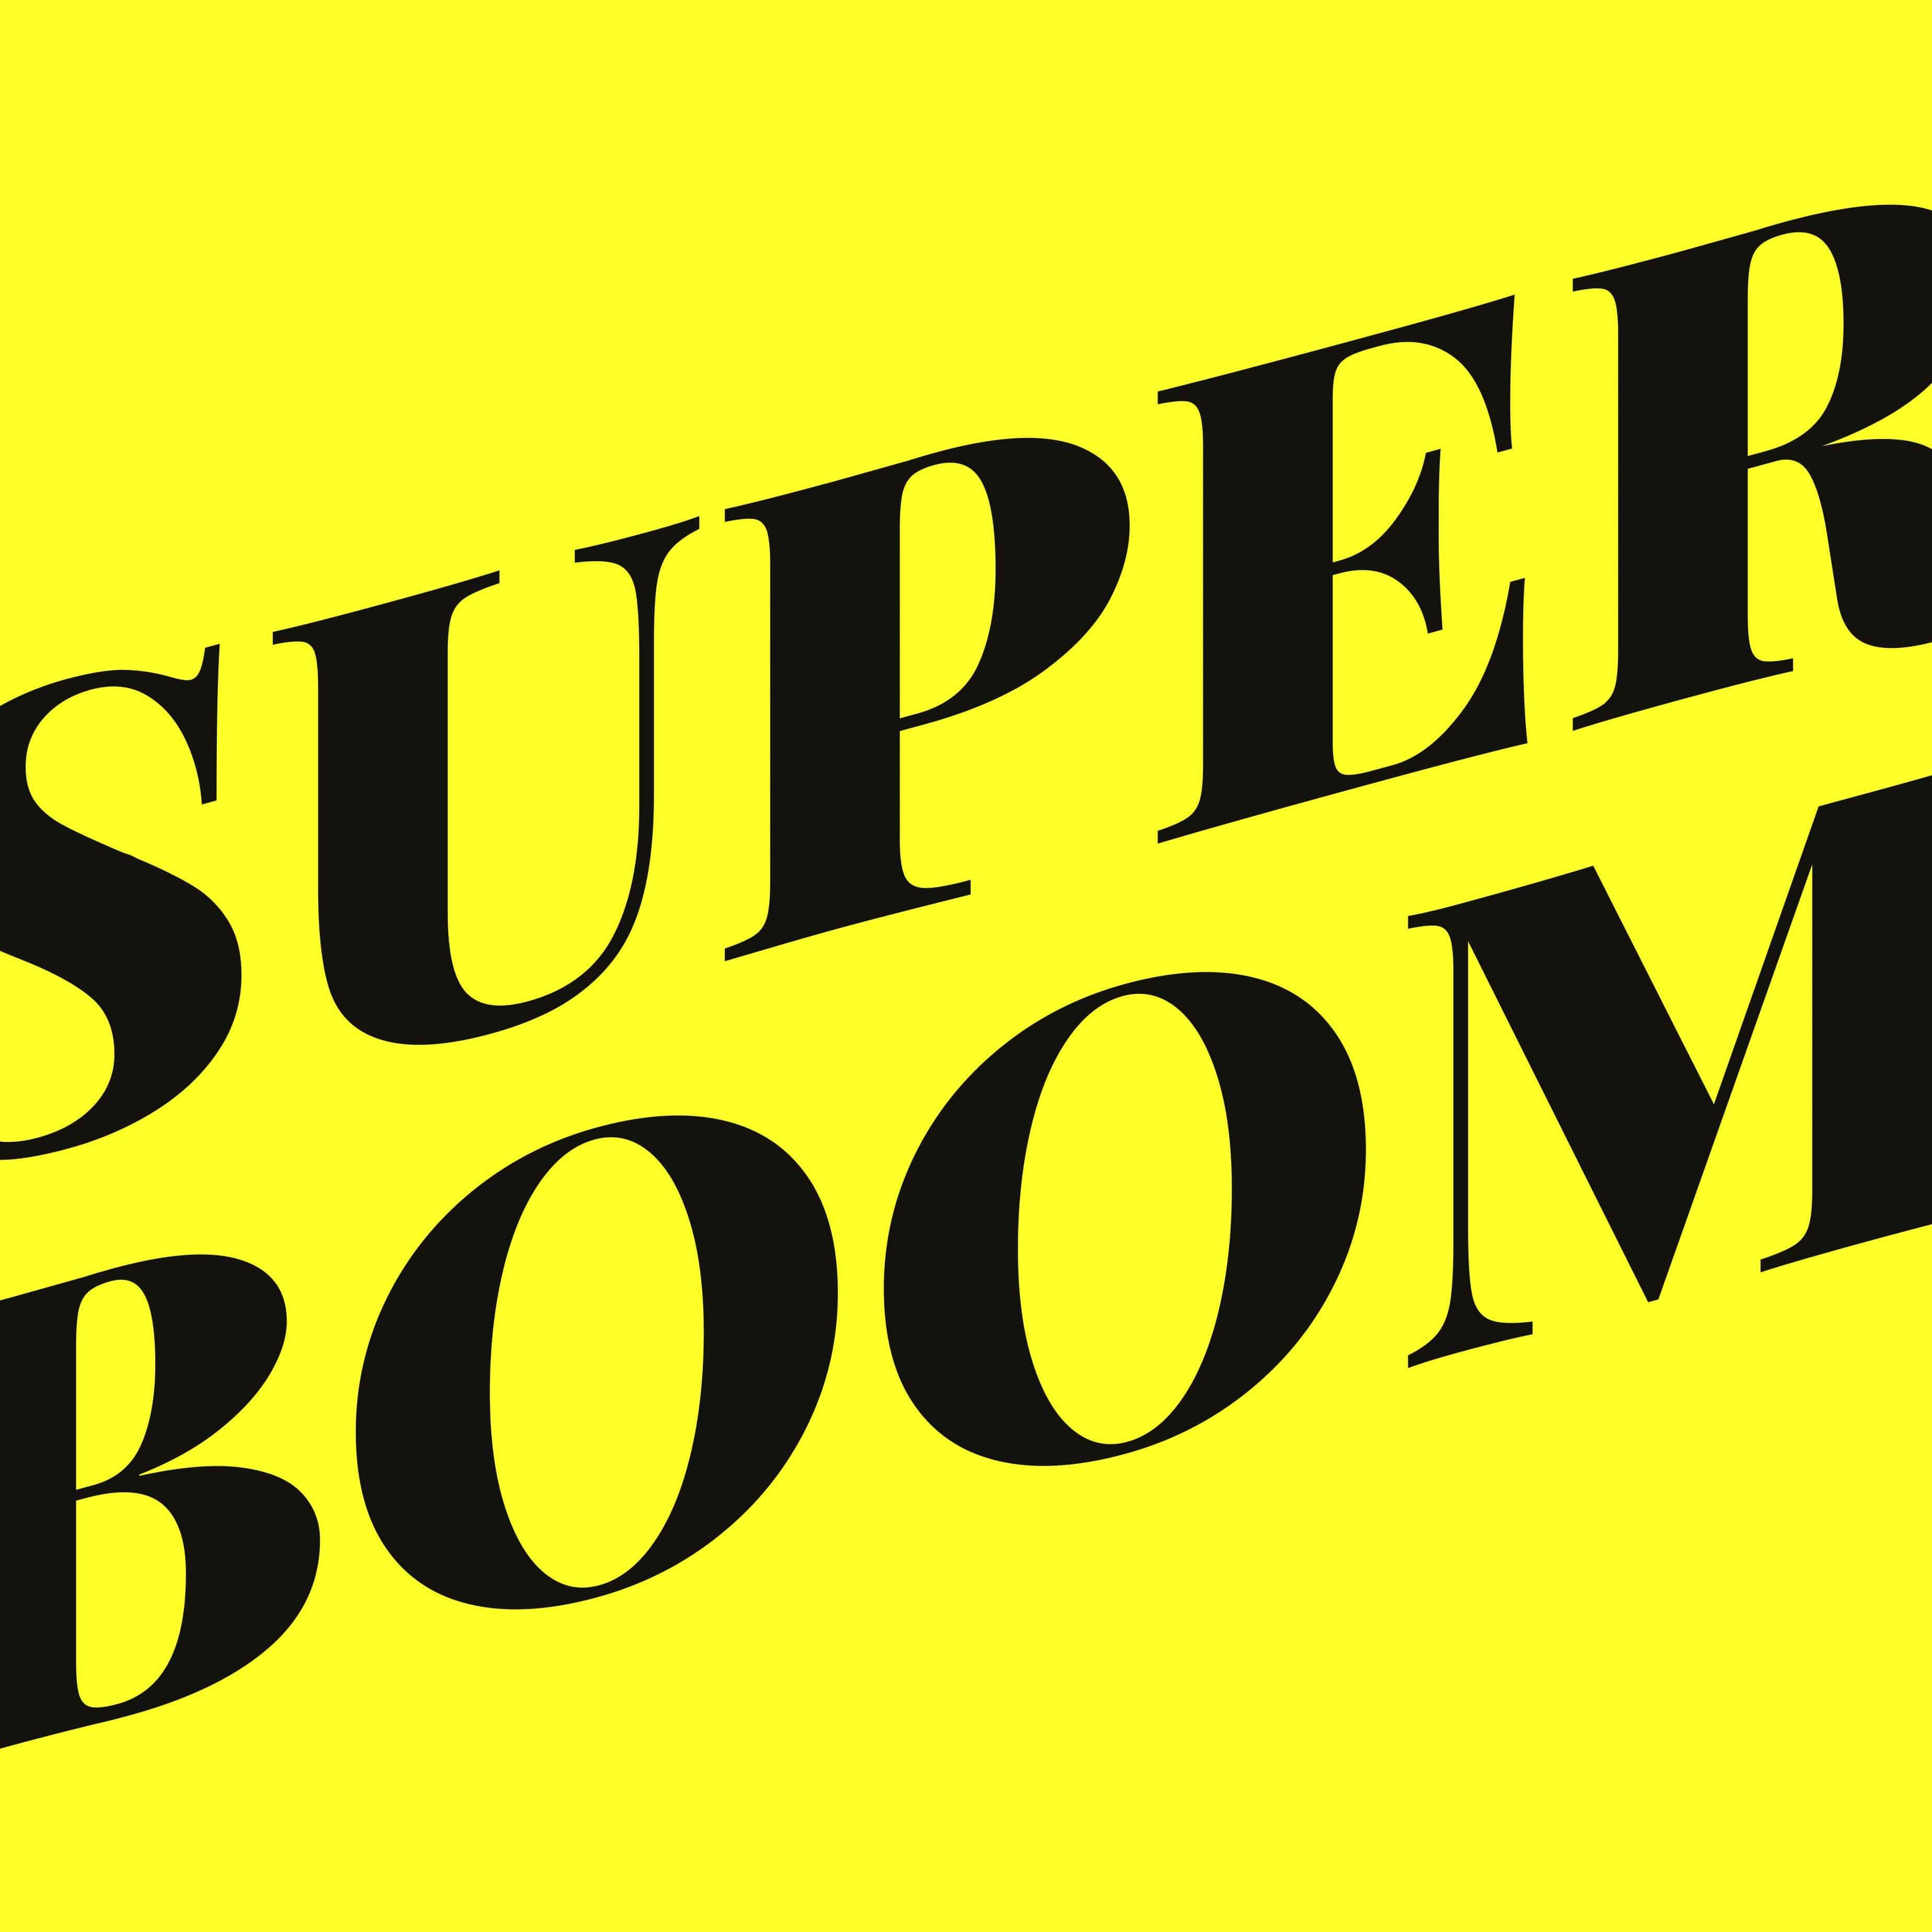 super005